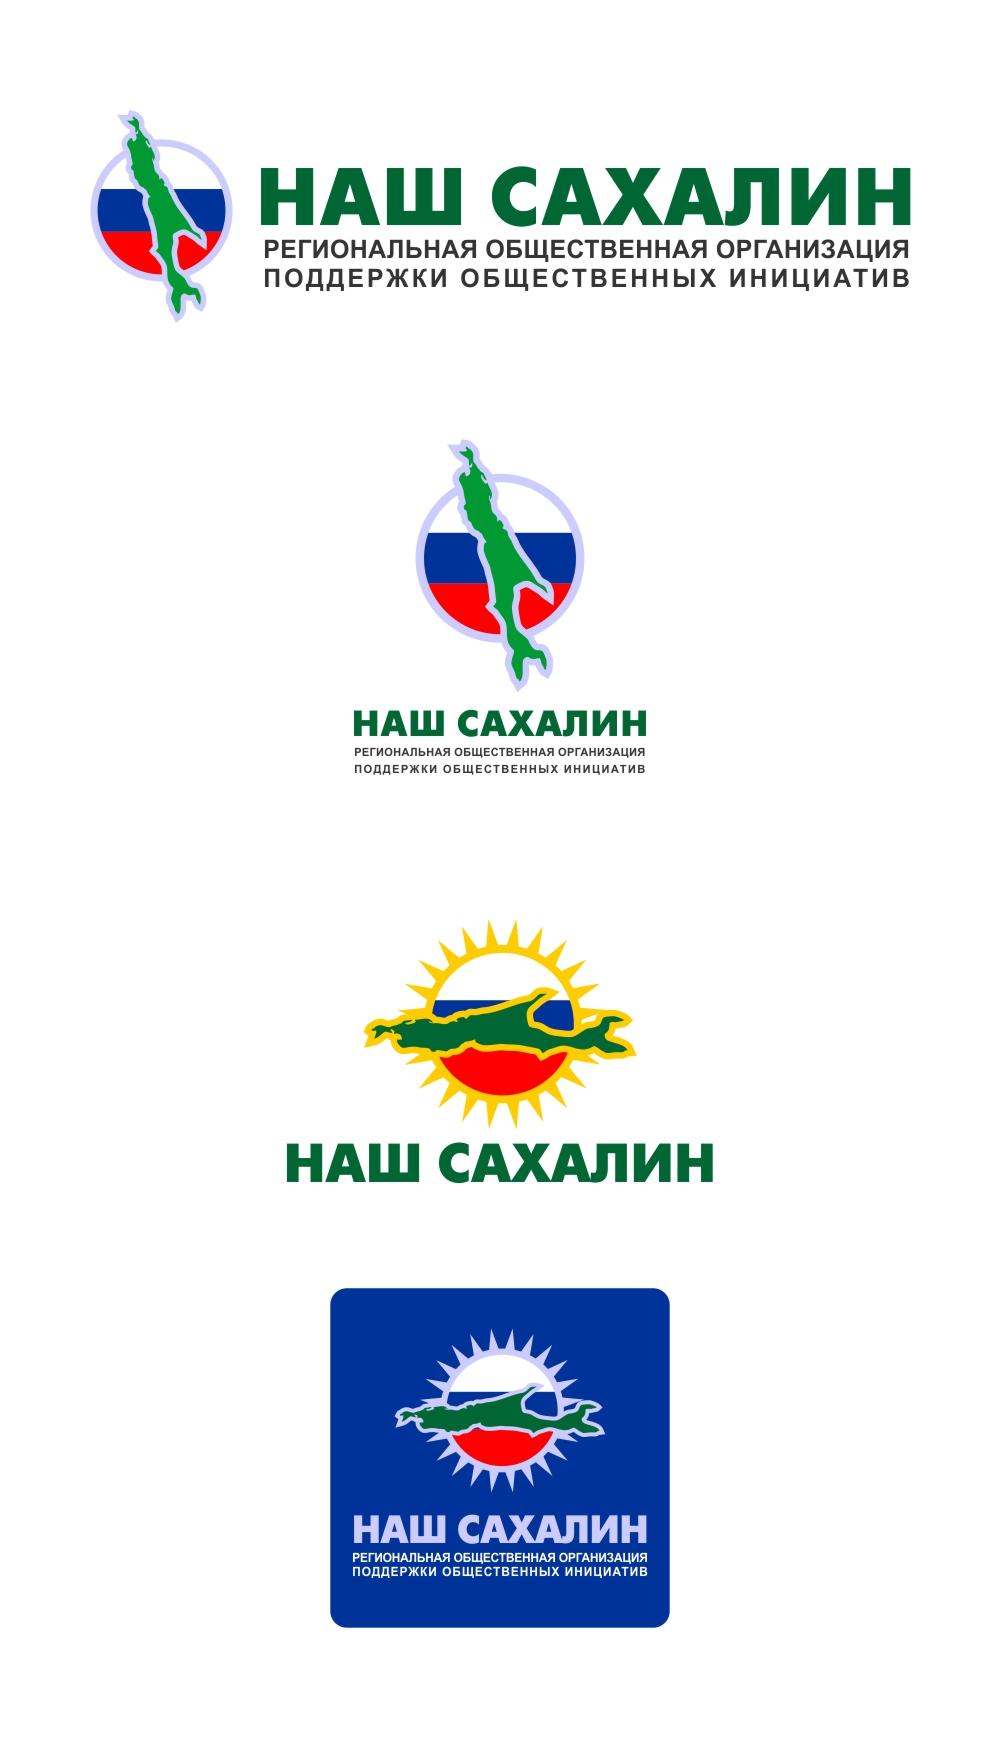 """Логотип для некоммерческой организации """"Наш Сахалин"""" фото f_7145a80477a52e9e.jpg"""